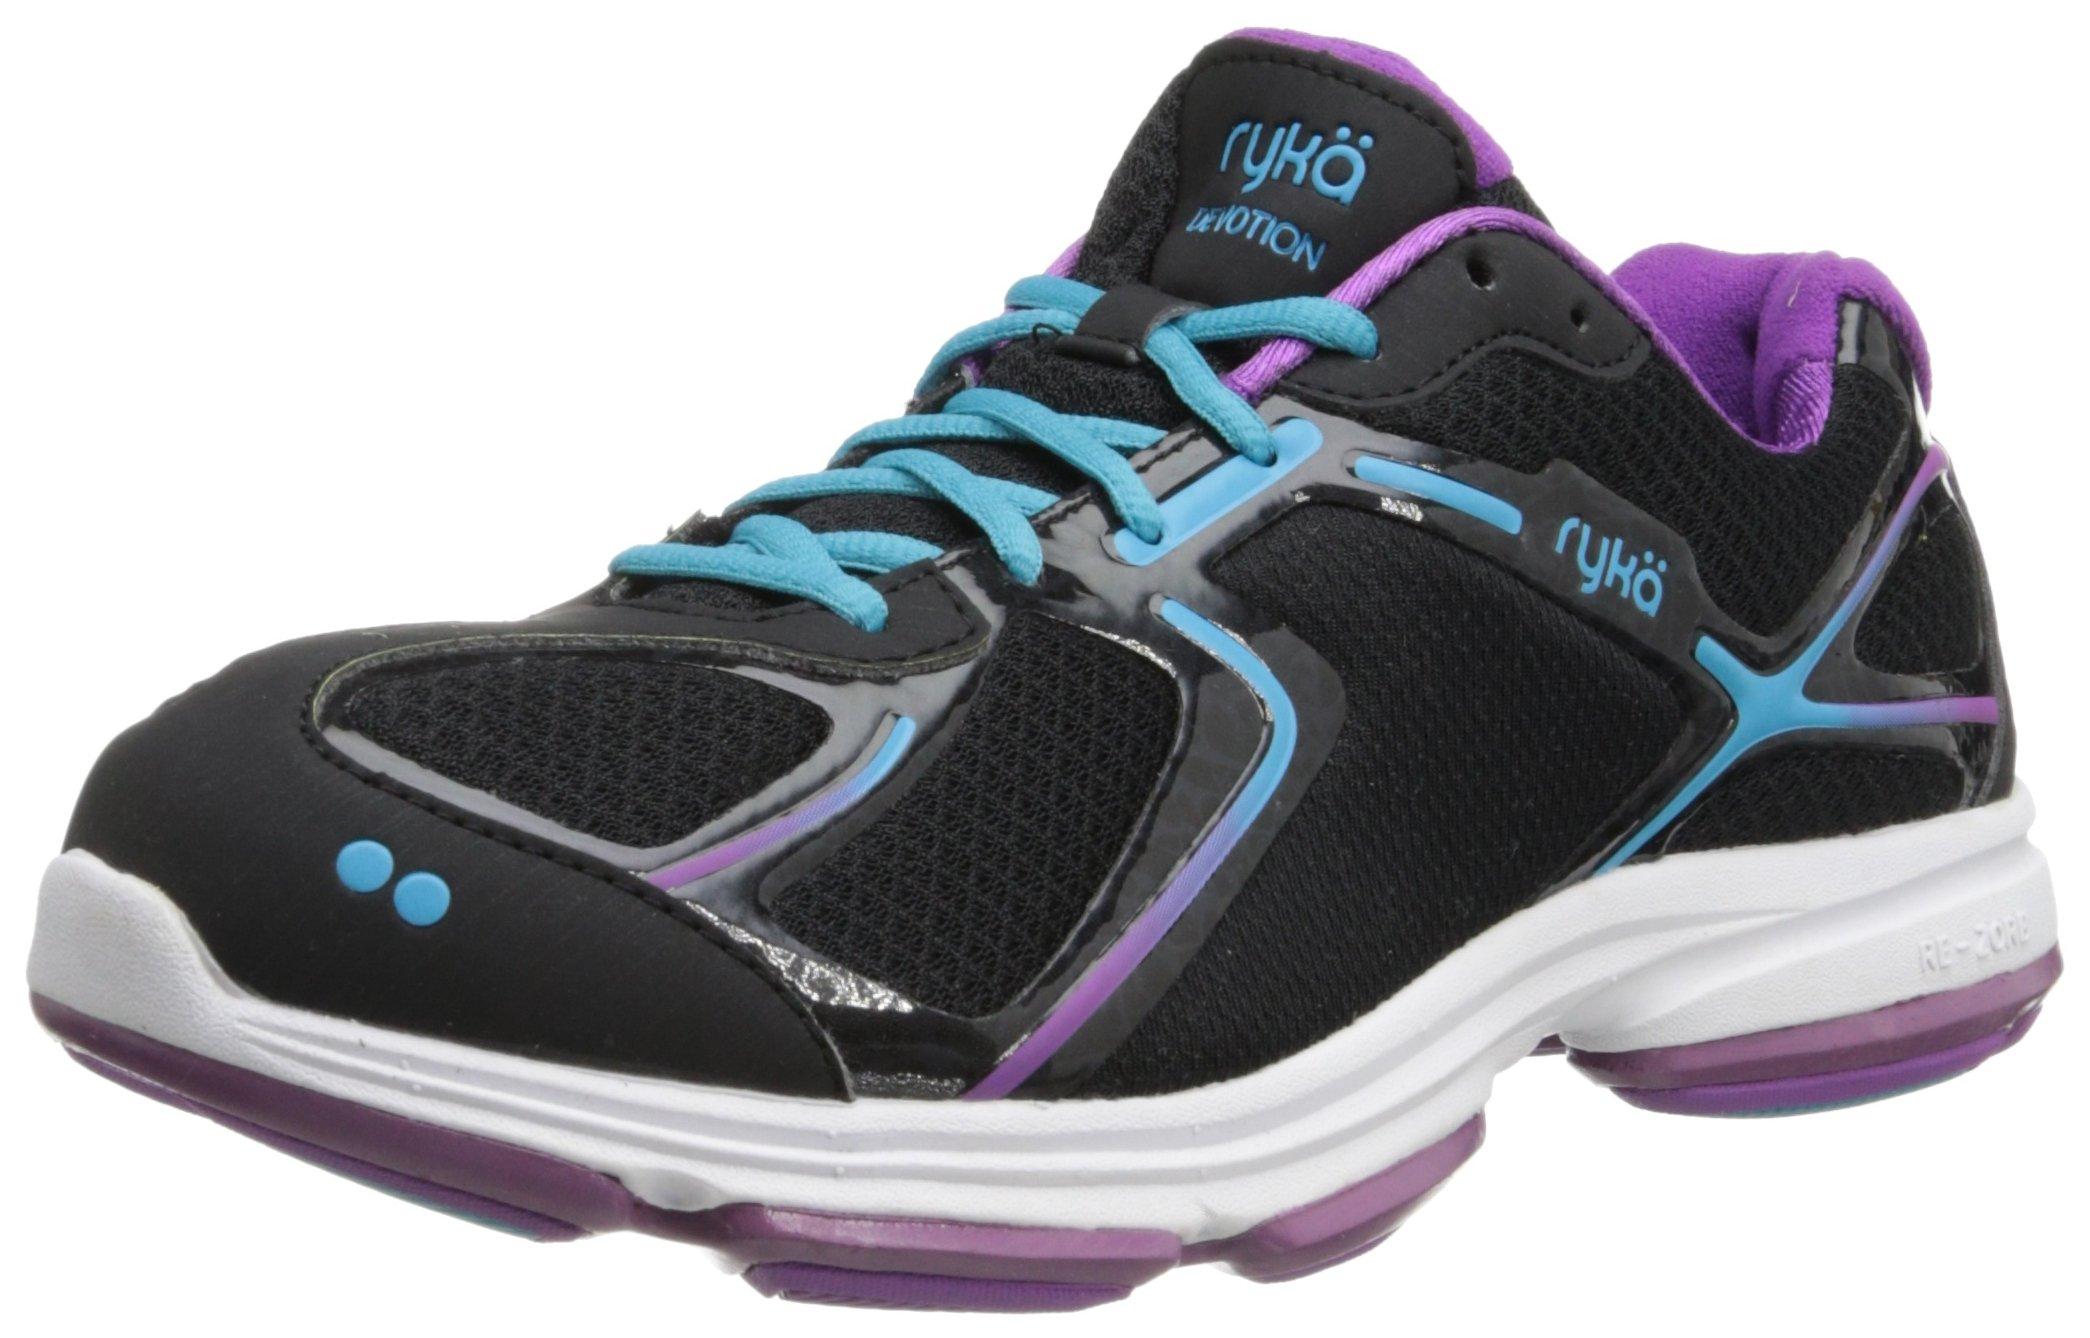 Ryka Women's Devotion Walking Shoe,Black/Dark Purple/Light Blue,8.5 M US